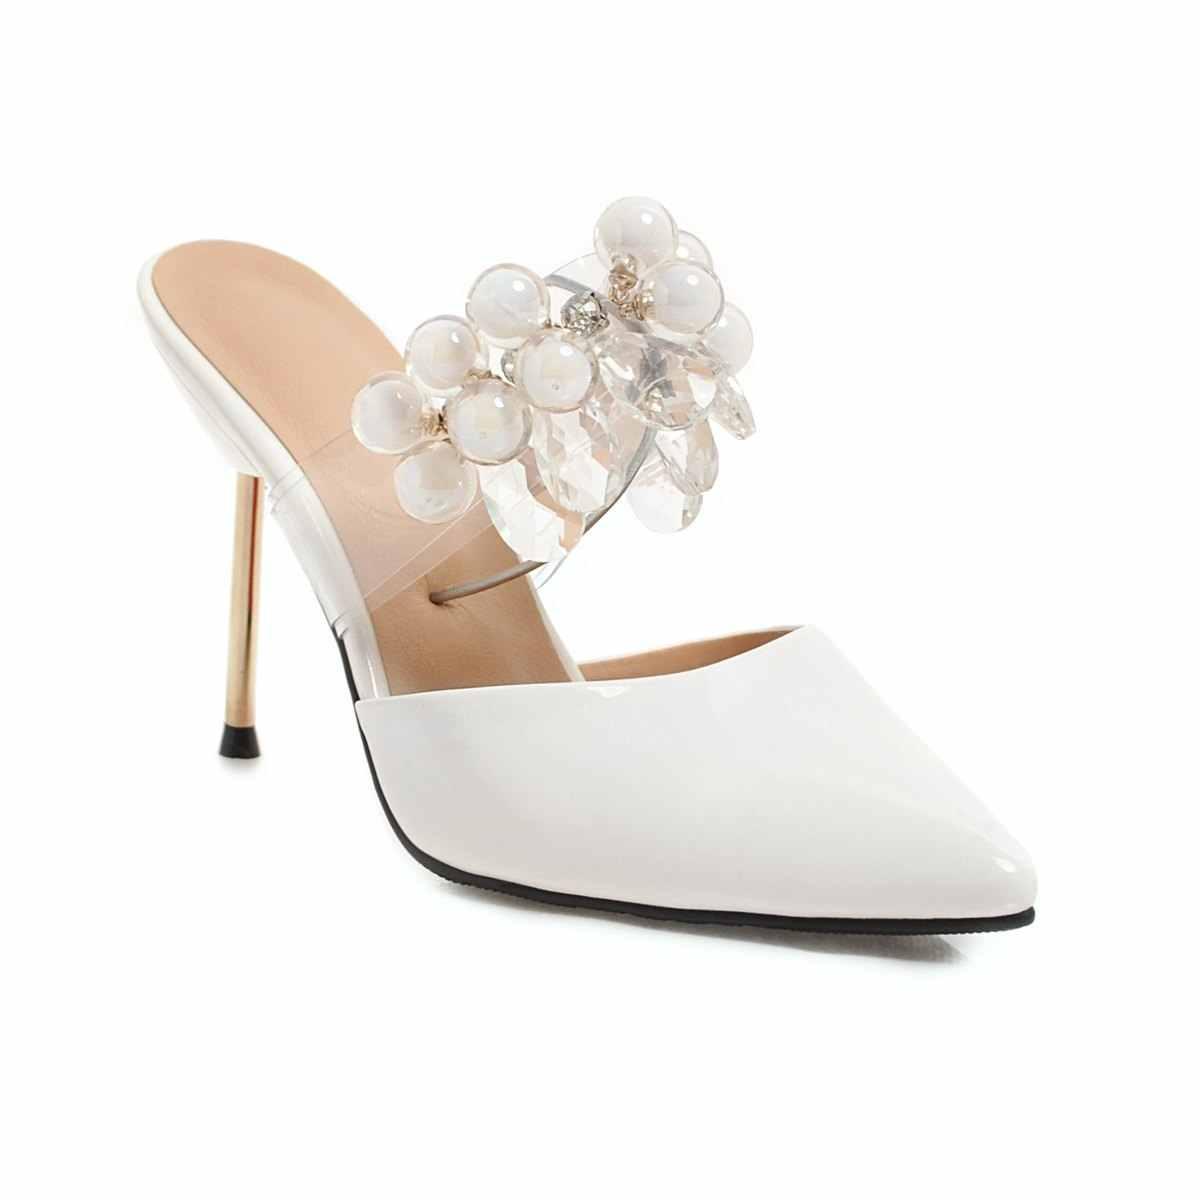 NEMAONE/2019 г.; летние женские туфли на высоком каблуке 9 см со стразами; шлёпанцы; женские шлепанцы на тонком каблуке; пикантная модная обувь телесного цвета